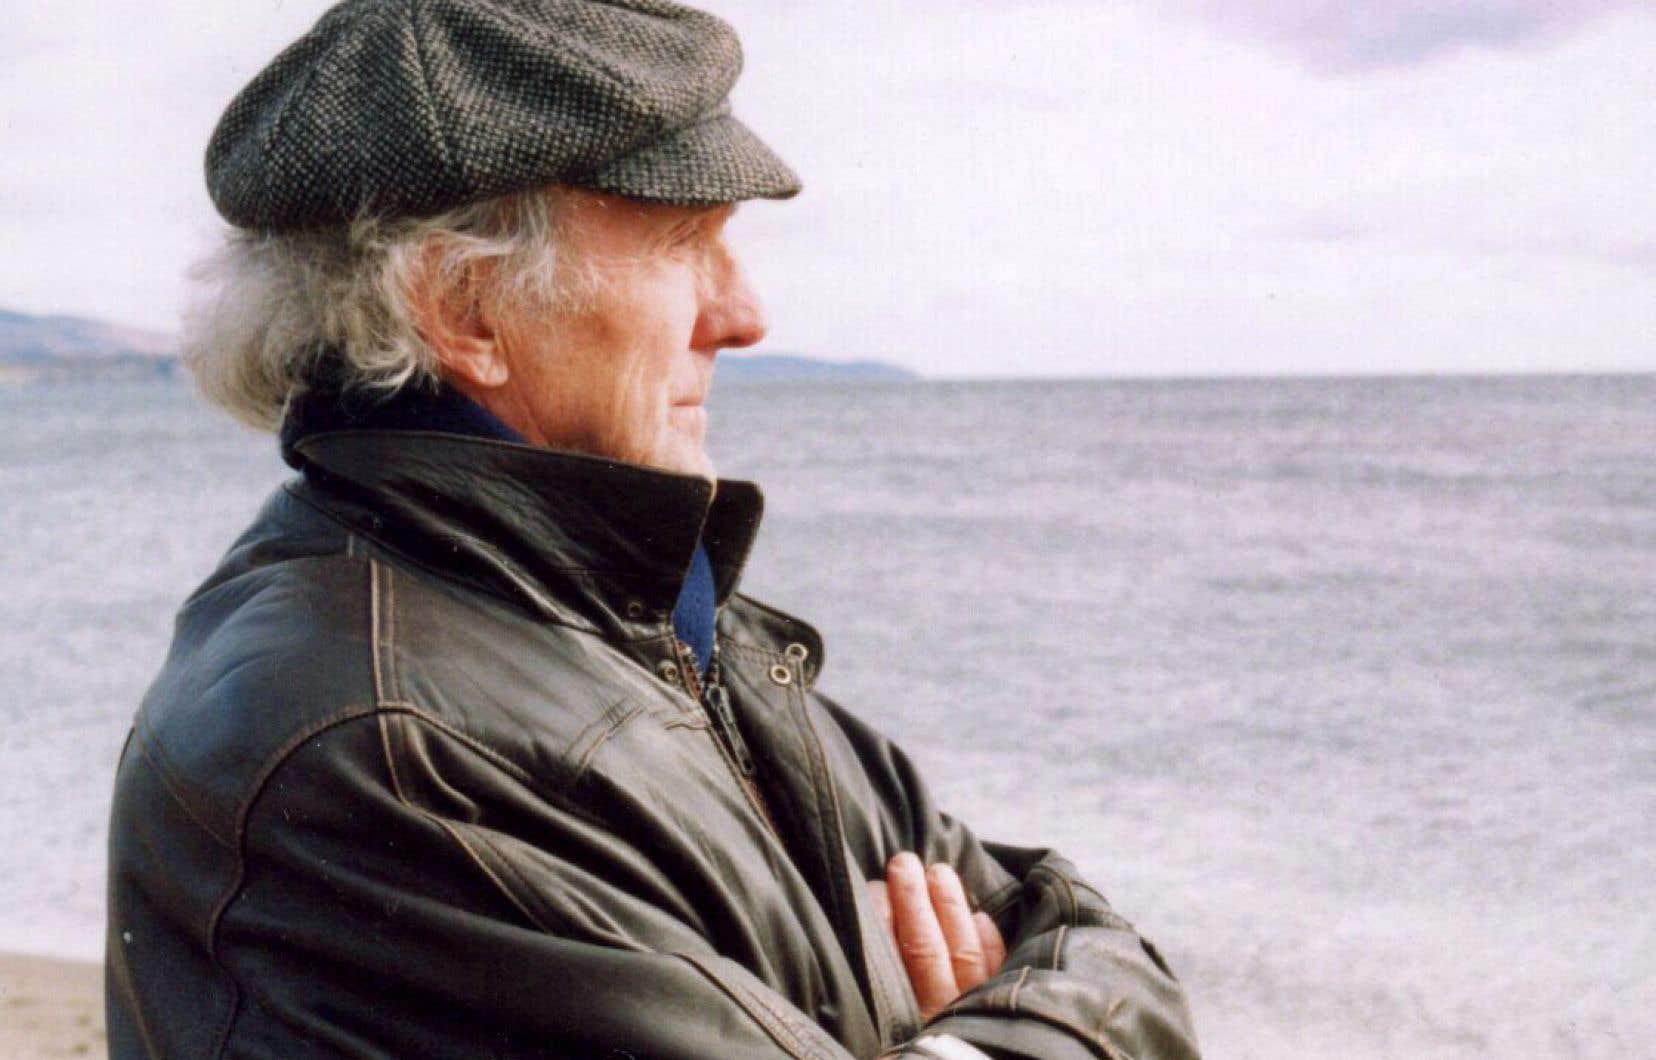 «[L'œuvre de Jules Bélanger] prend racine dans le creuset de la Révolution tranquille en s'impliquant corps et âme notamment dans le développement de l'éducation, des communications et de la culture», écrit l'auteur. On voit ici M. Bélanger en 2004.